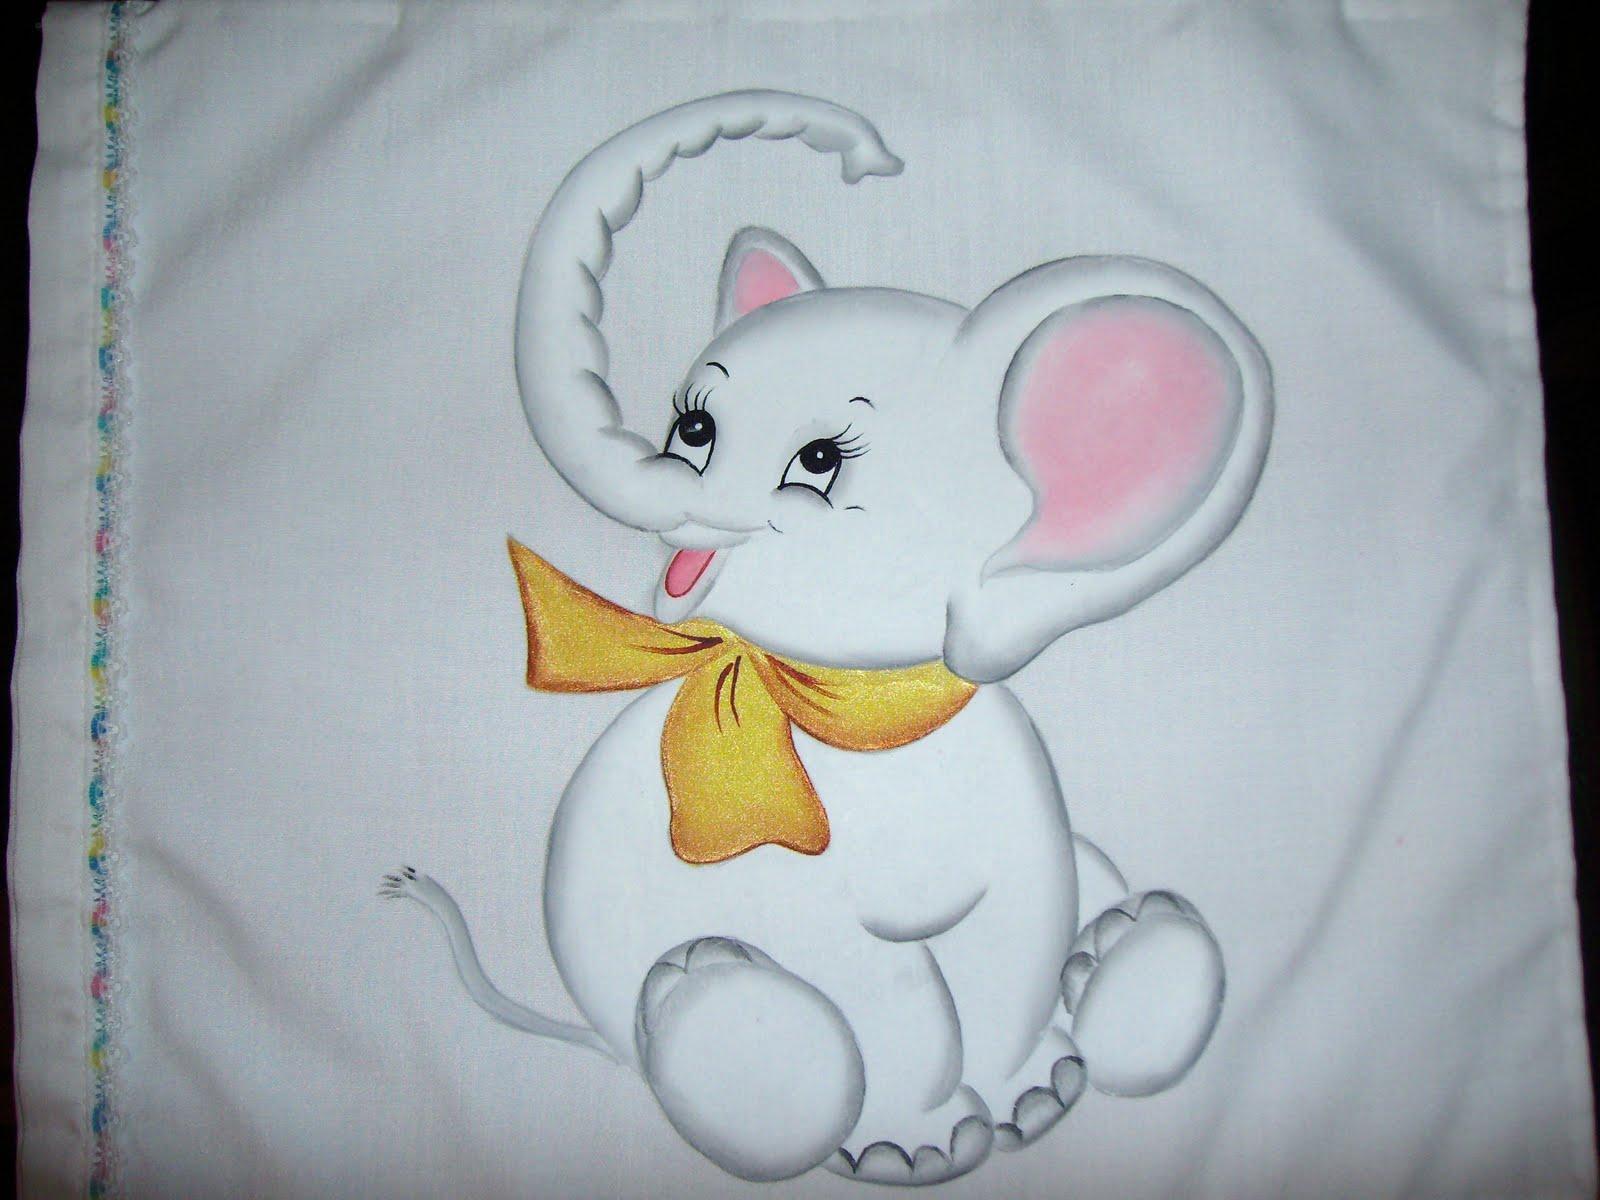 Arte en tela fundas para beb - Telas con dibujos infantiles ...